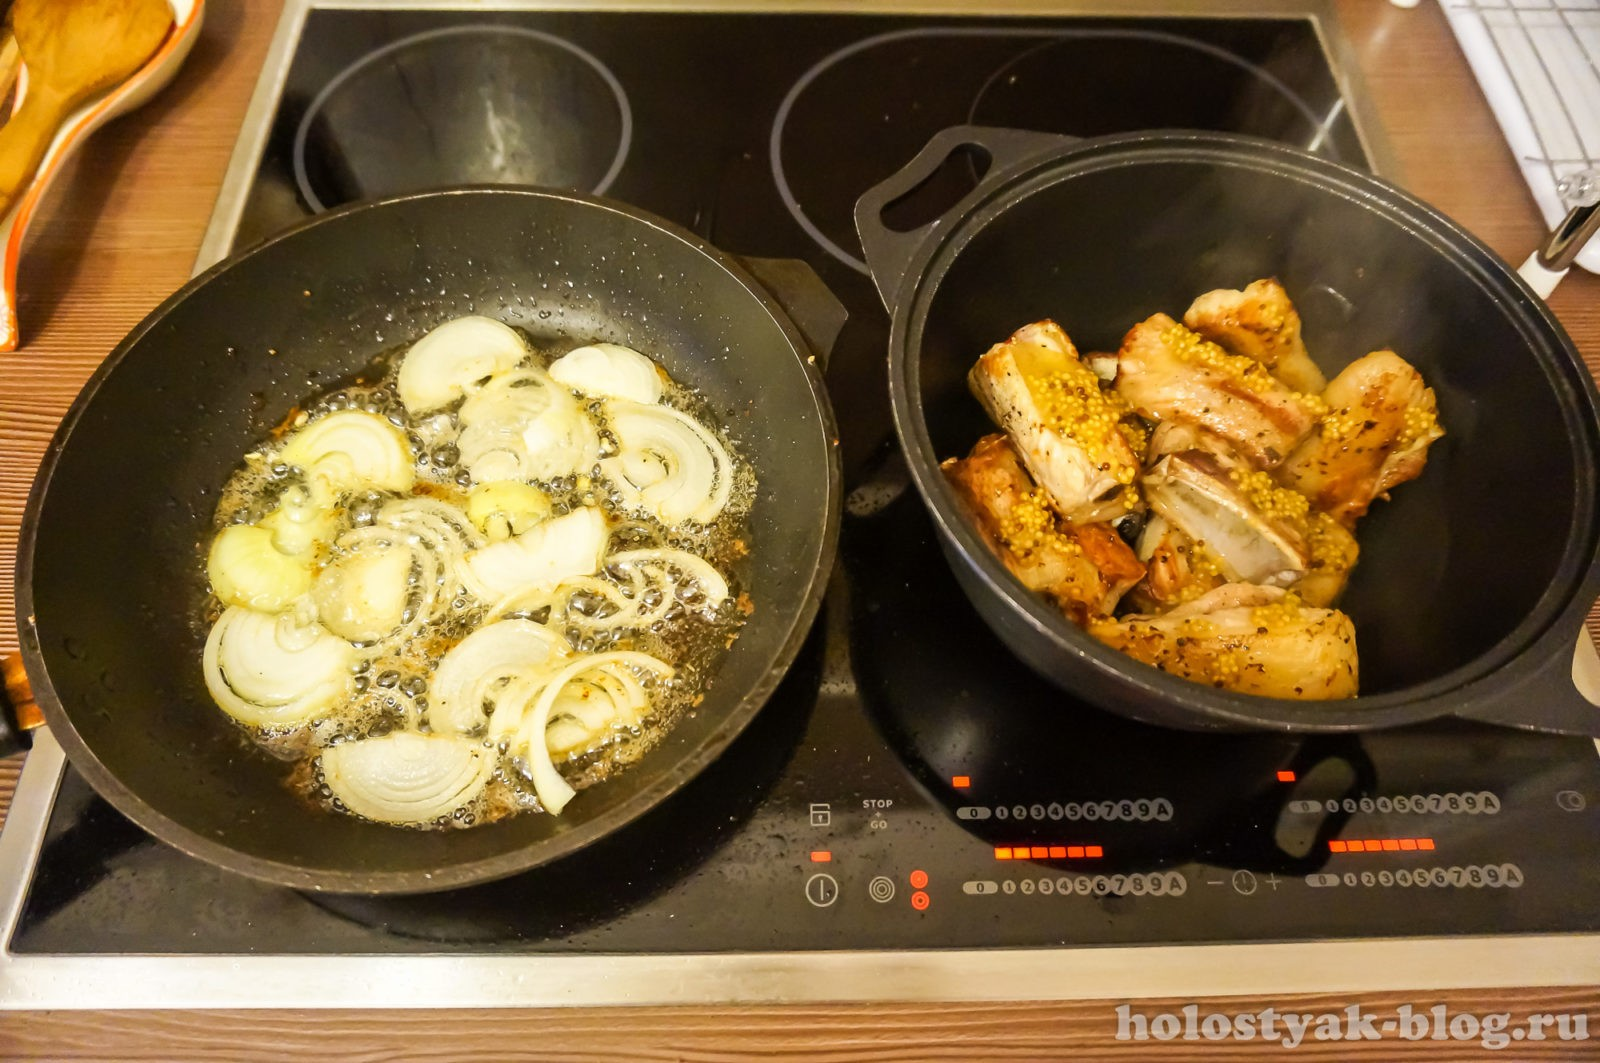 фото ребрышки с картошкой